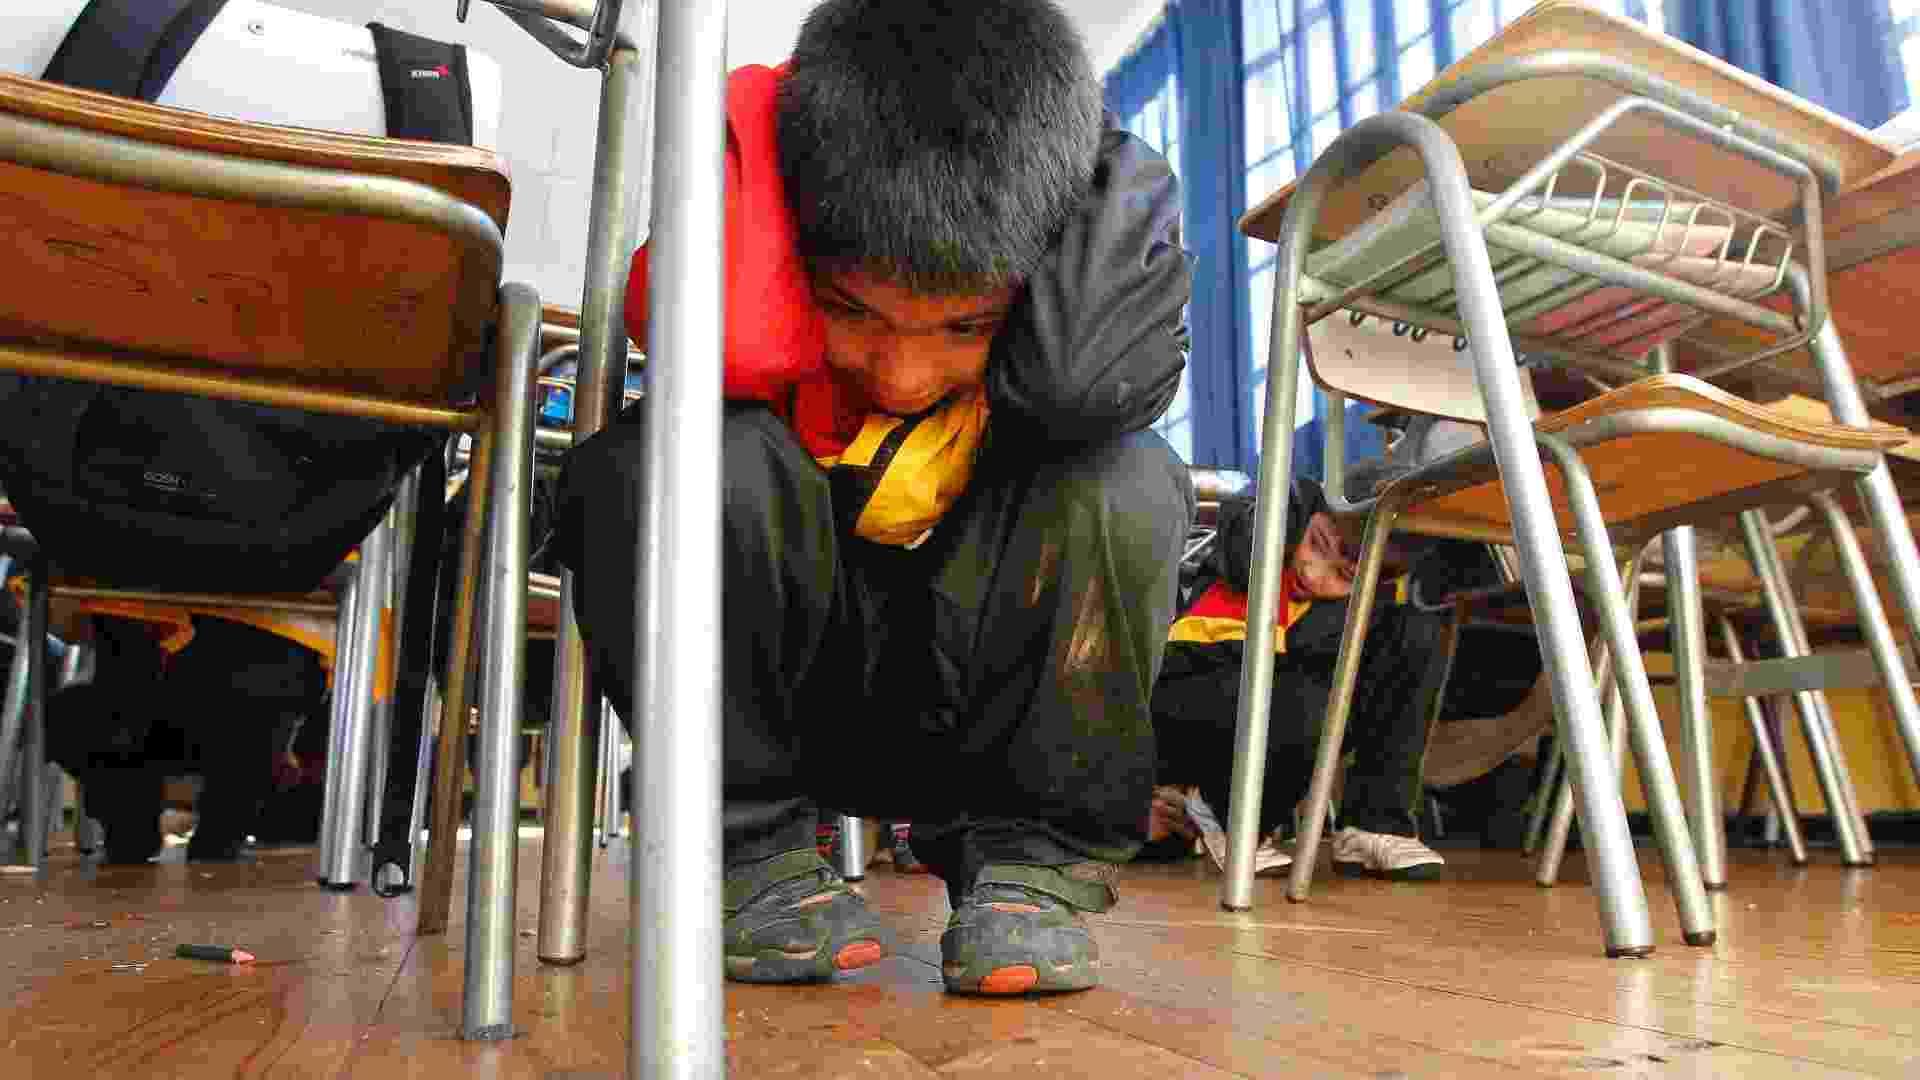 28.mai.2012 - Crianças em sala de aula participam do exercício de simulação contra tsunamis e terremotos, realizado na cidade de Valparaíso, Chile - Martin Bernetti/AFP